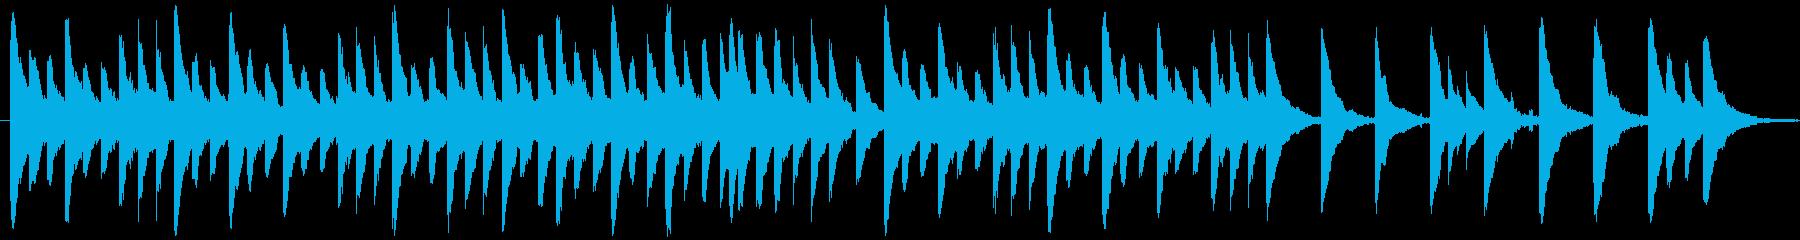 ホラー風なオルゴール曲の再生済みの波形